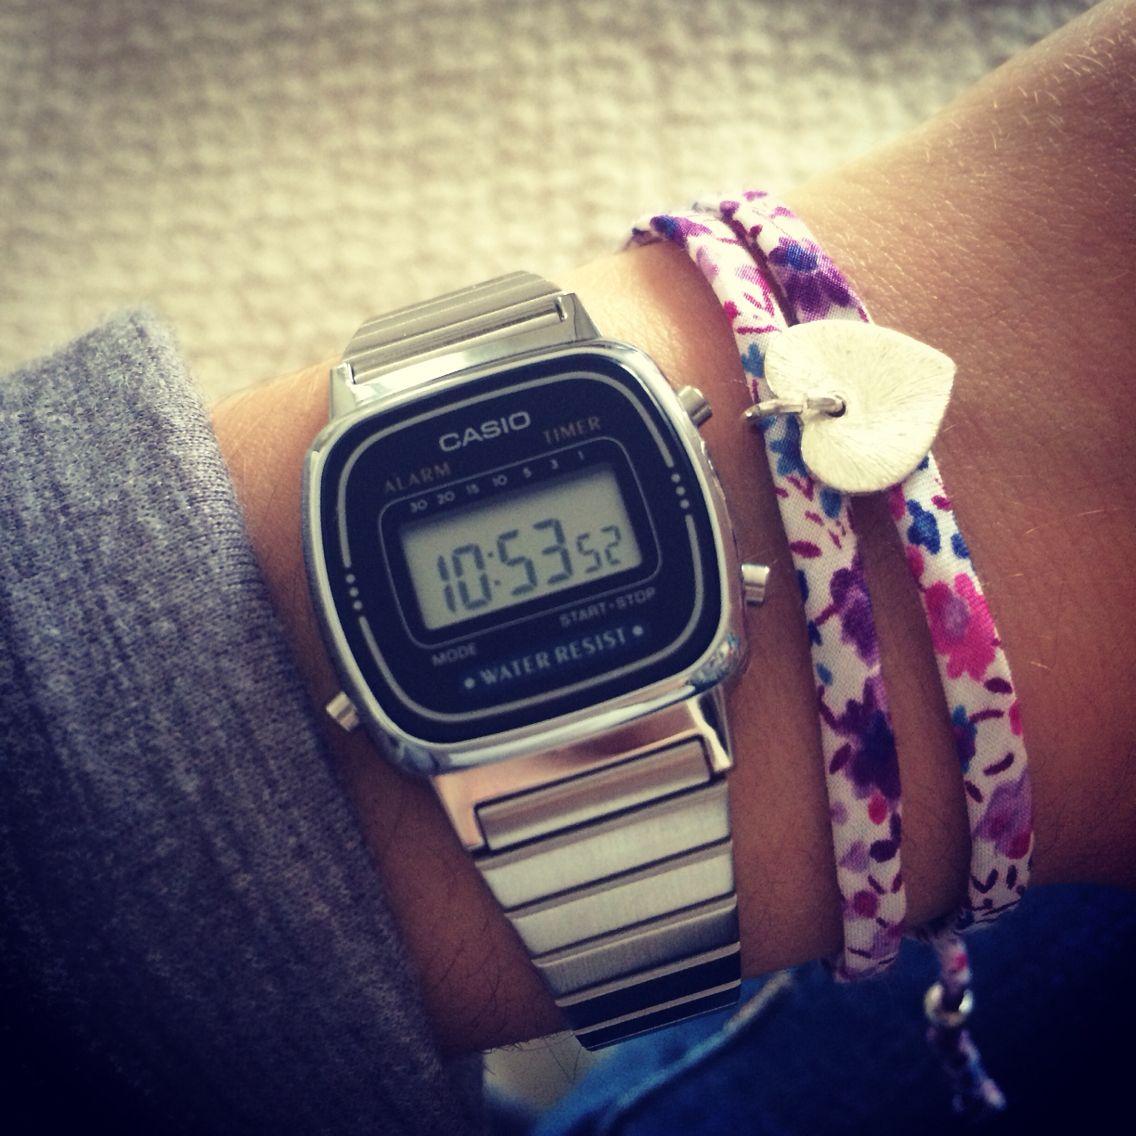 Vintage Casio Silver Watch Casio Watch Women Casio Silver Watch Stylish Accesories